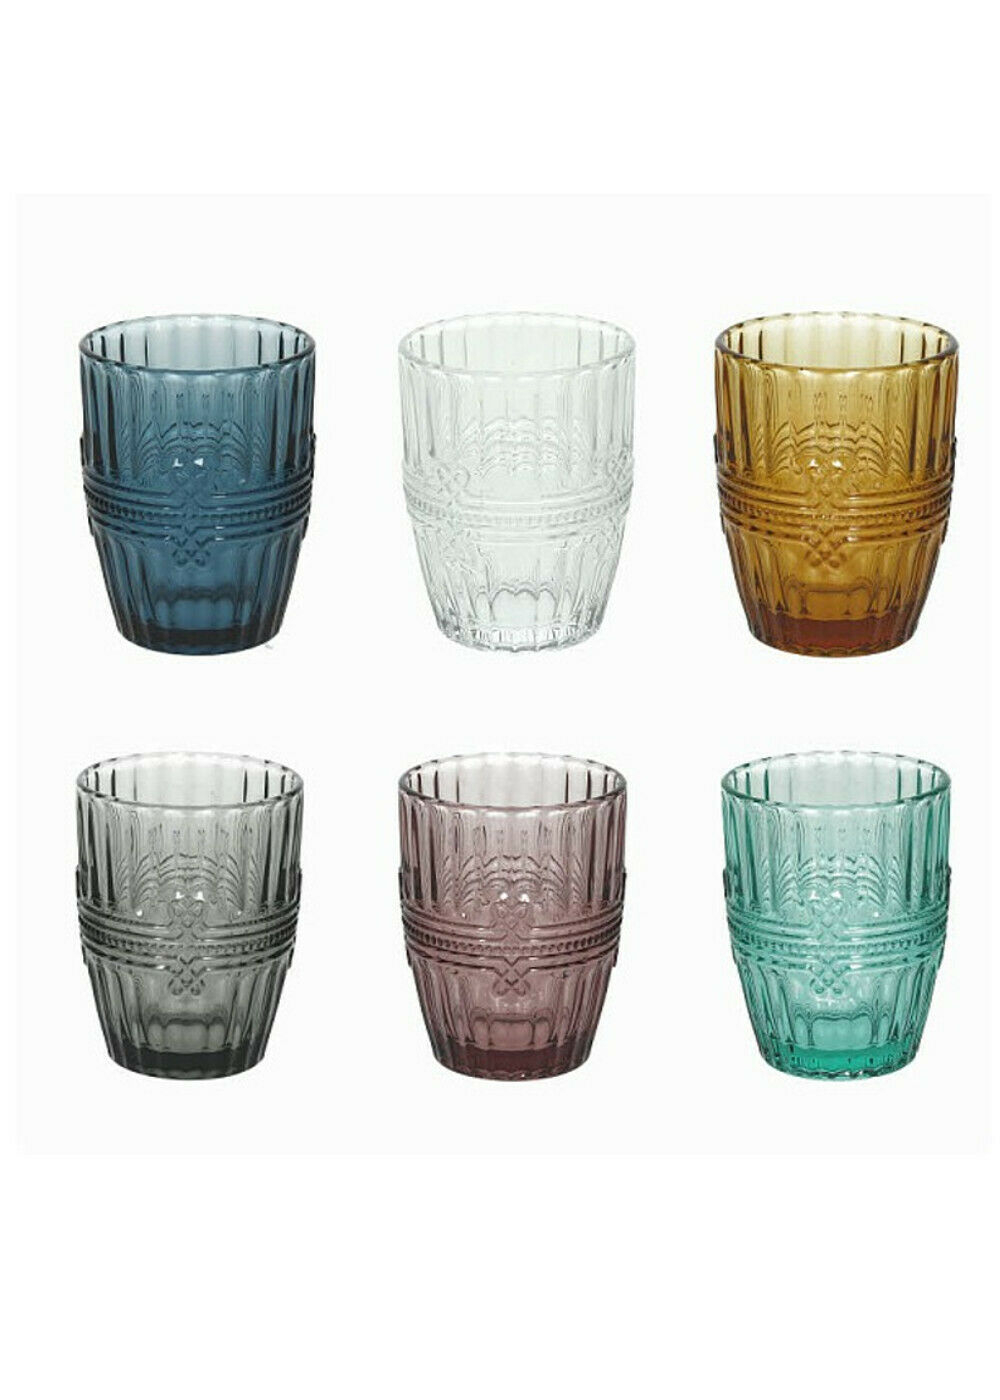 Tognana Ionico Confezione di 6 Bicchieri Da Acqua 280 cc Multicolore Trasparente In Vetro Ricamato